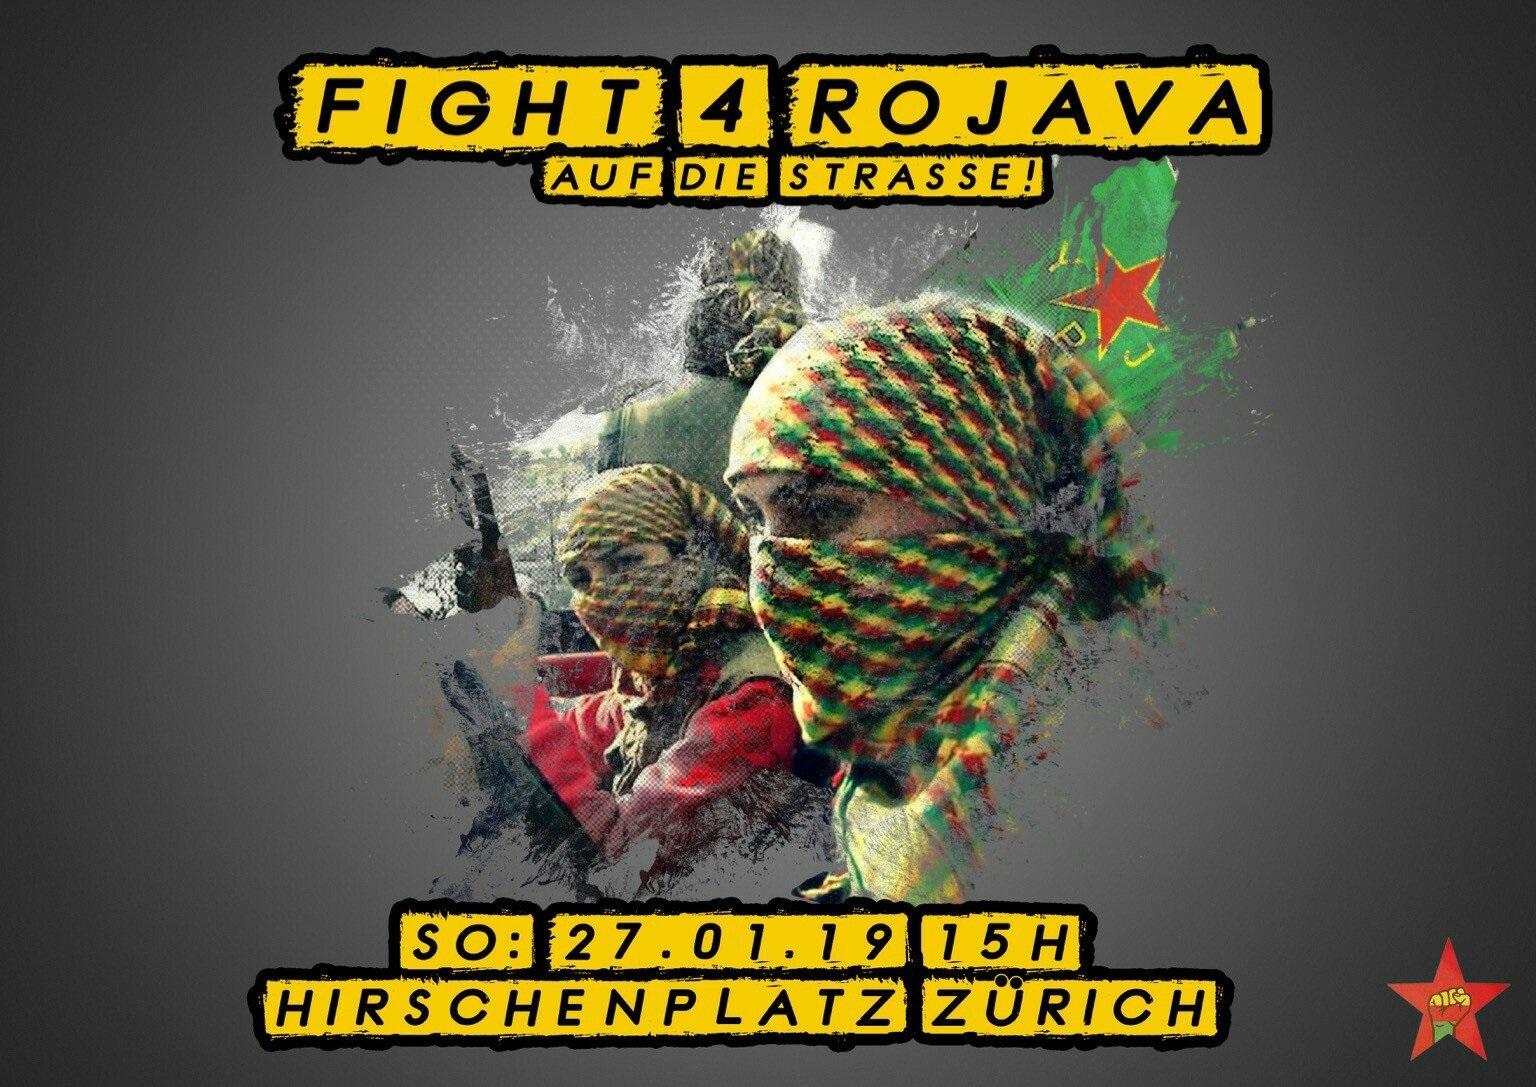 L'appel à la journée d'action à Zürich